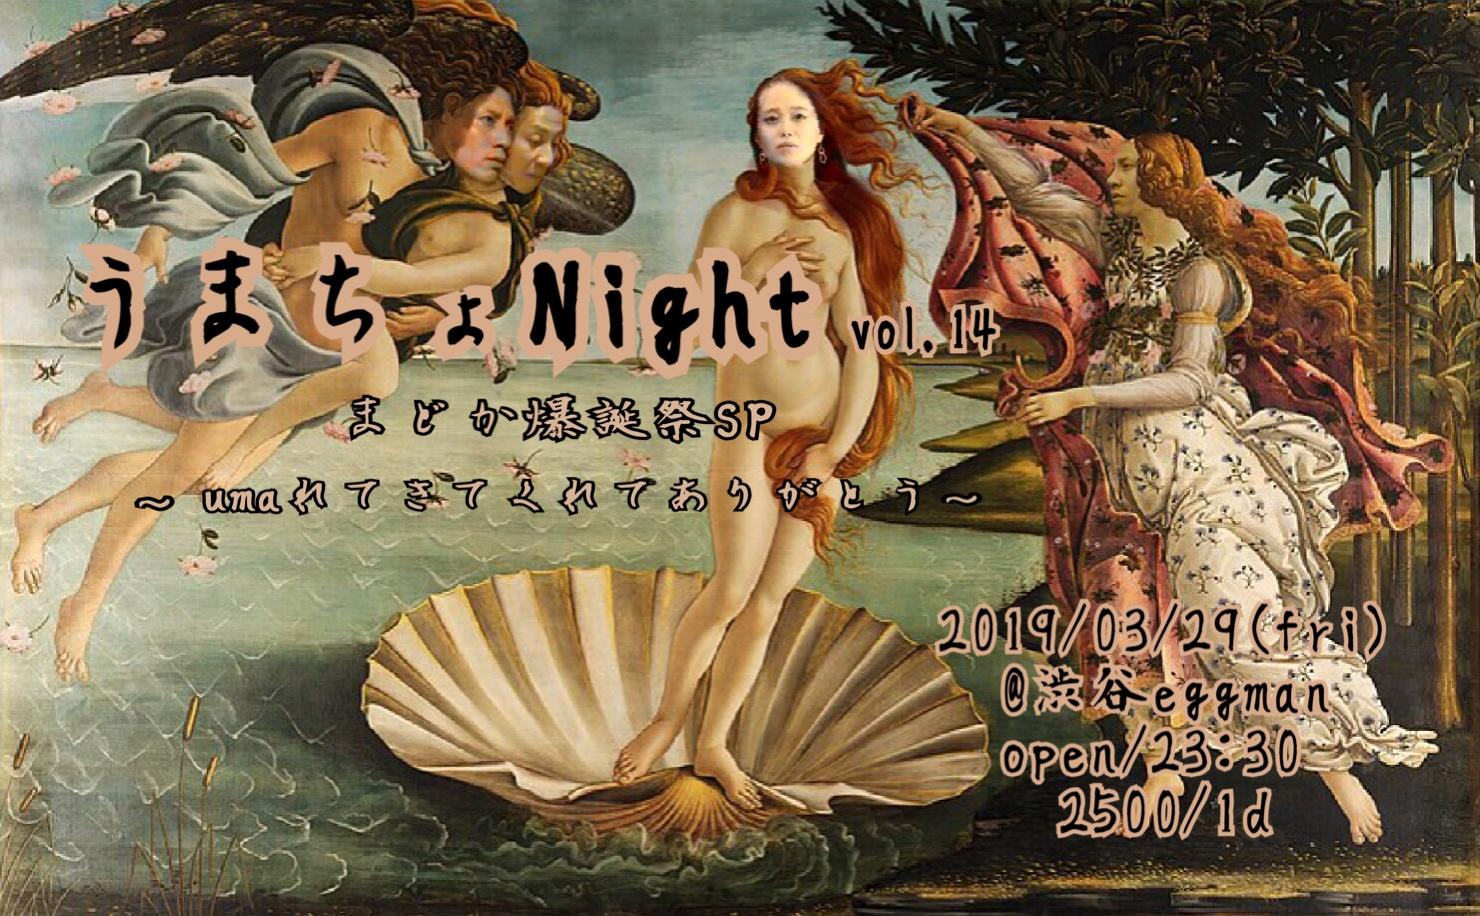 うまちょNight! vol.14 [💝まどか爆誕祭SP🎂] ~umaれてきてくれてありがとう~